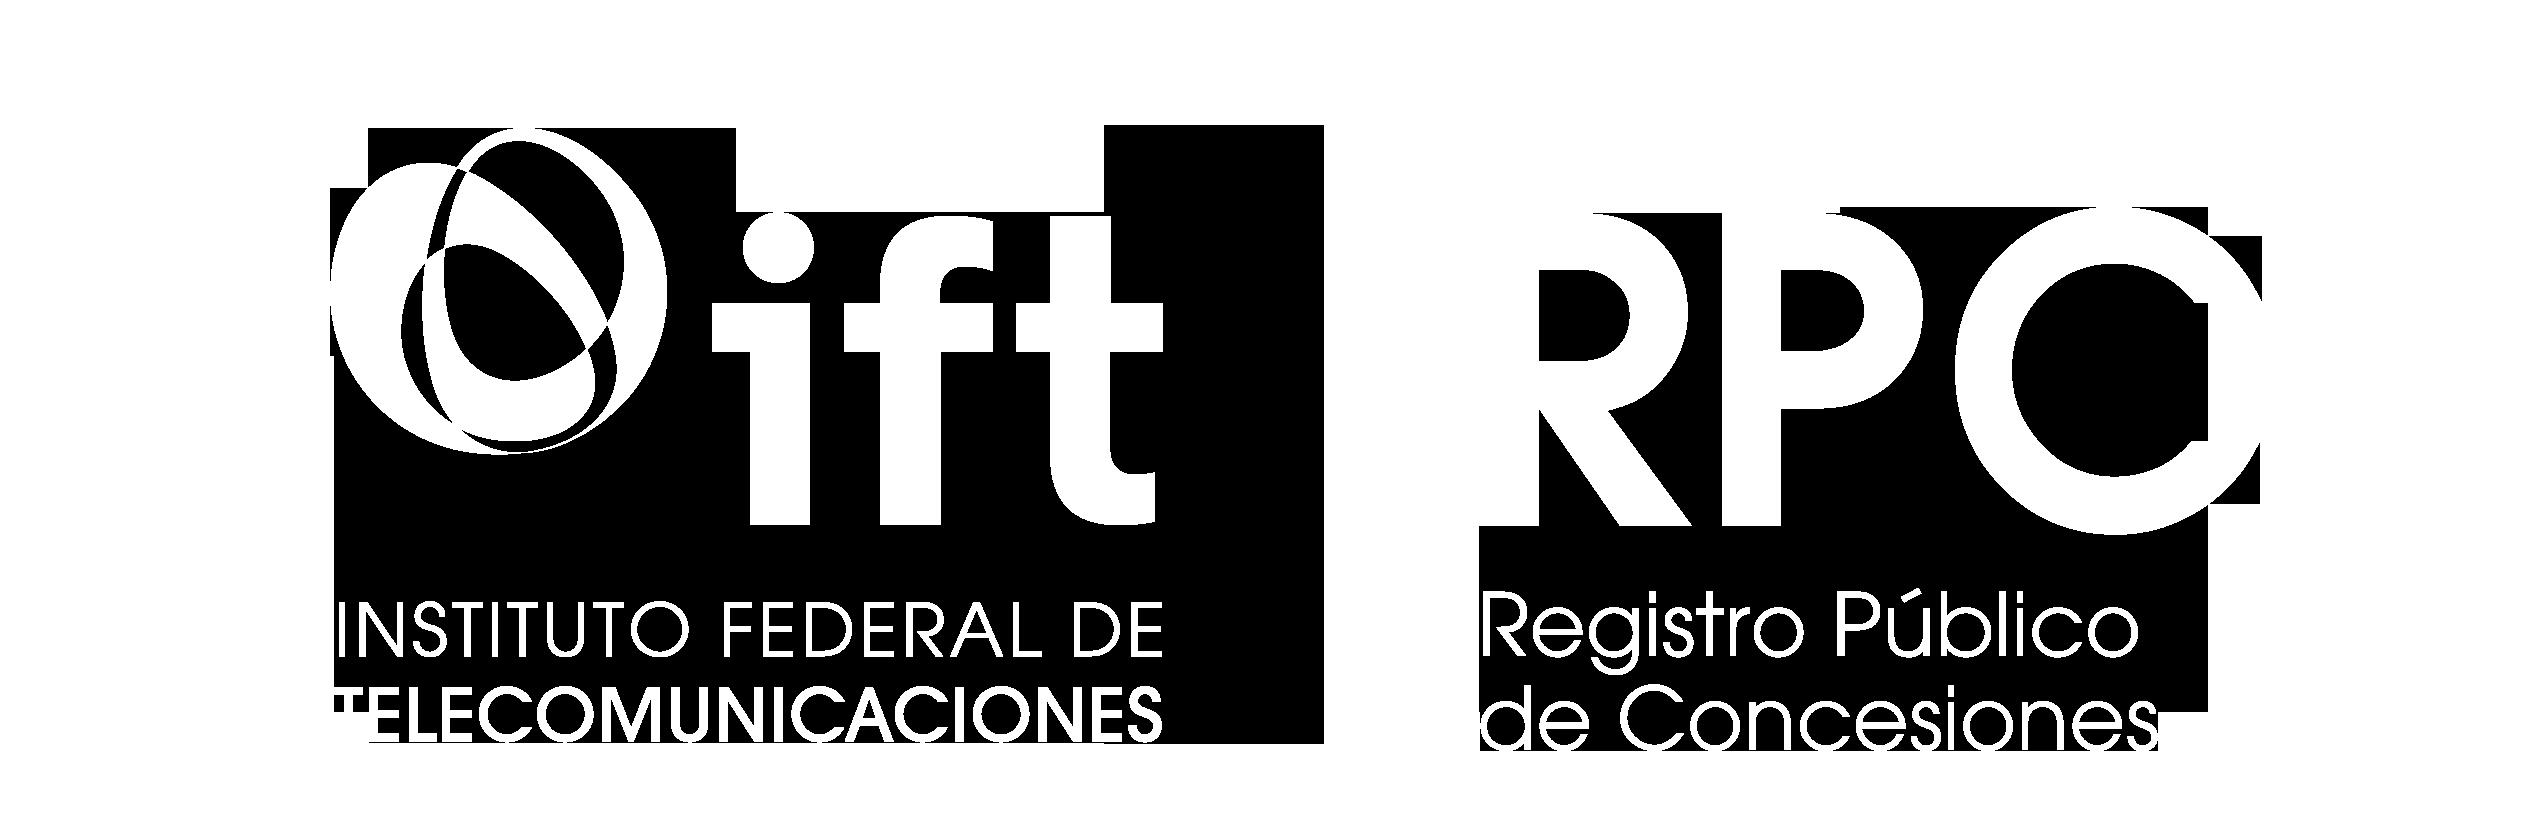 Registro Público de Concesiones